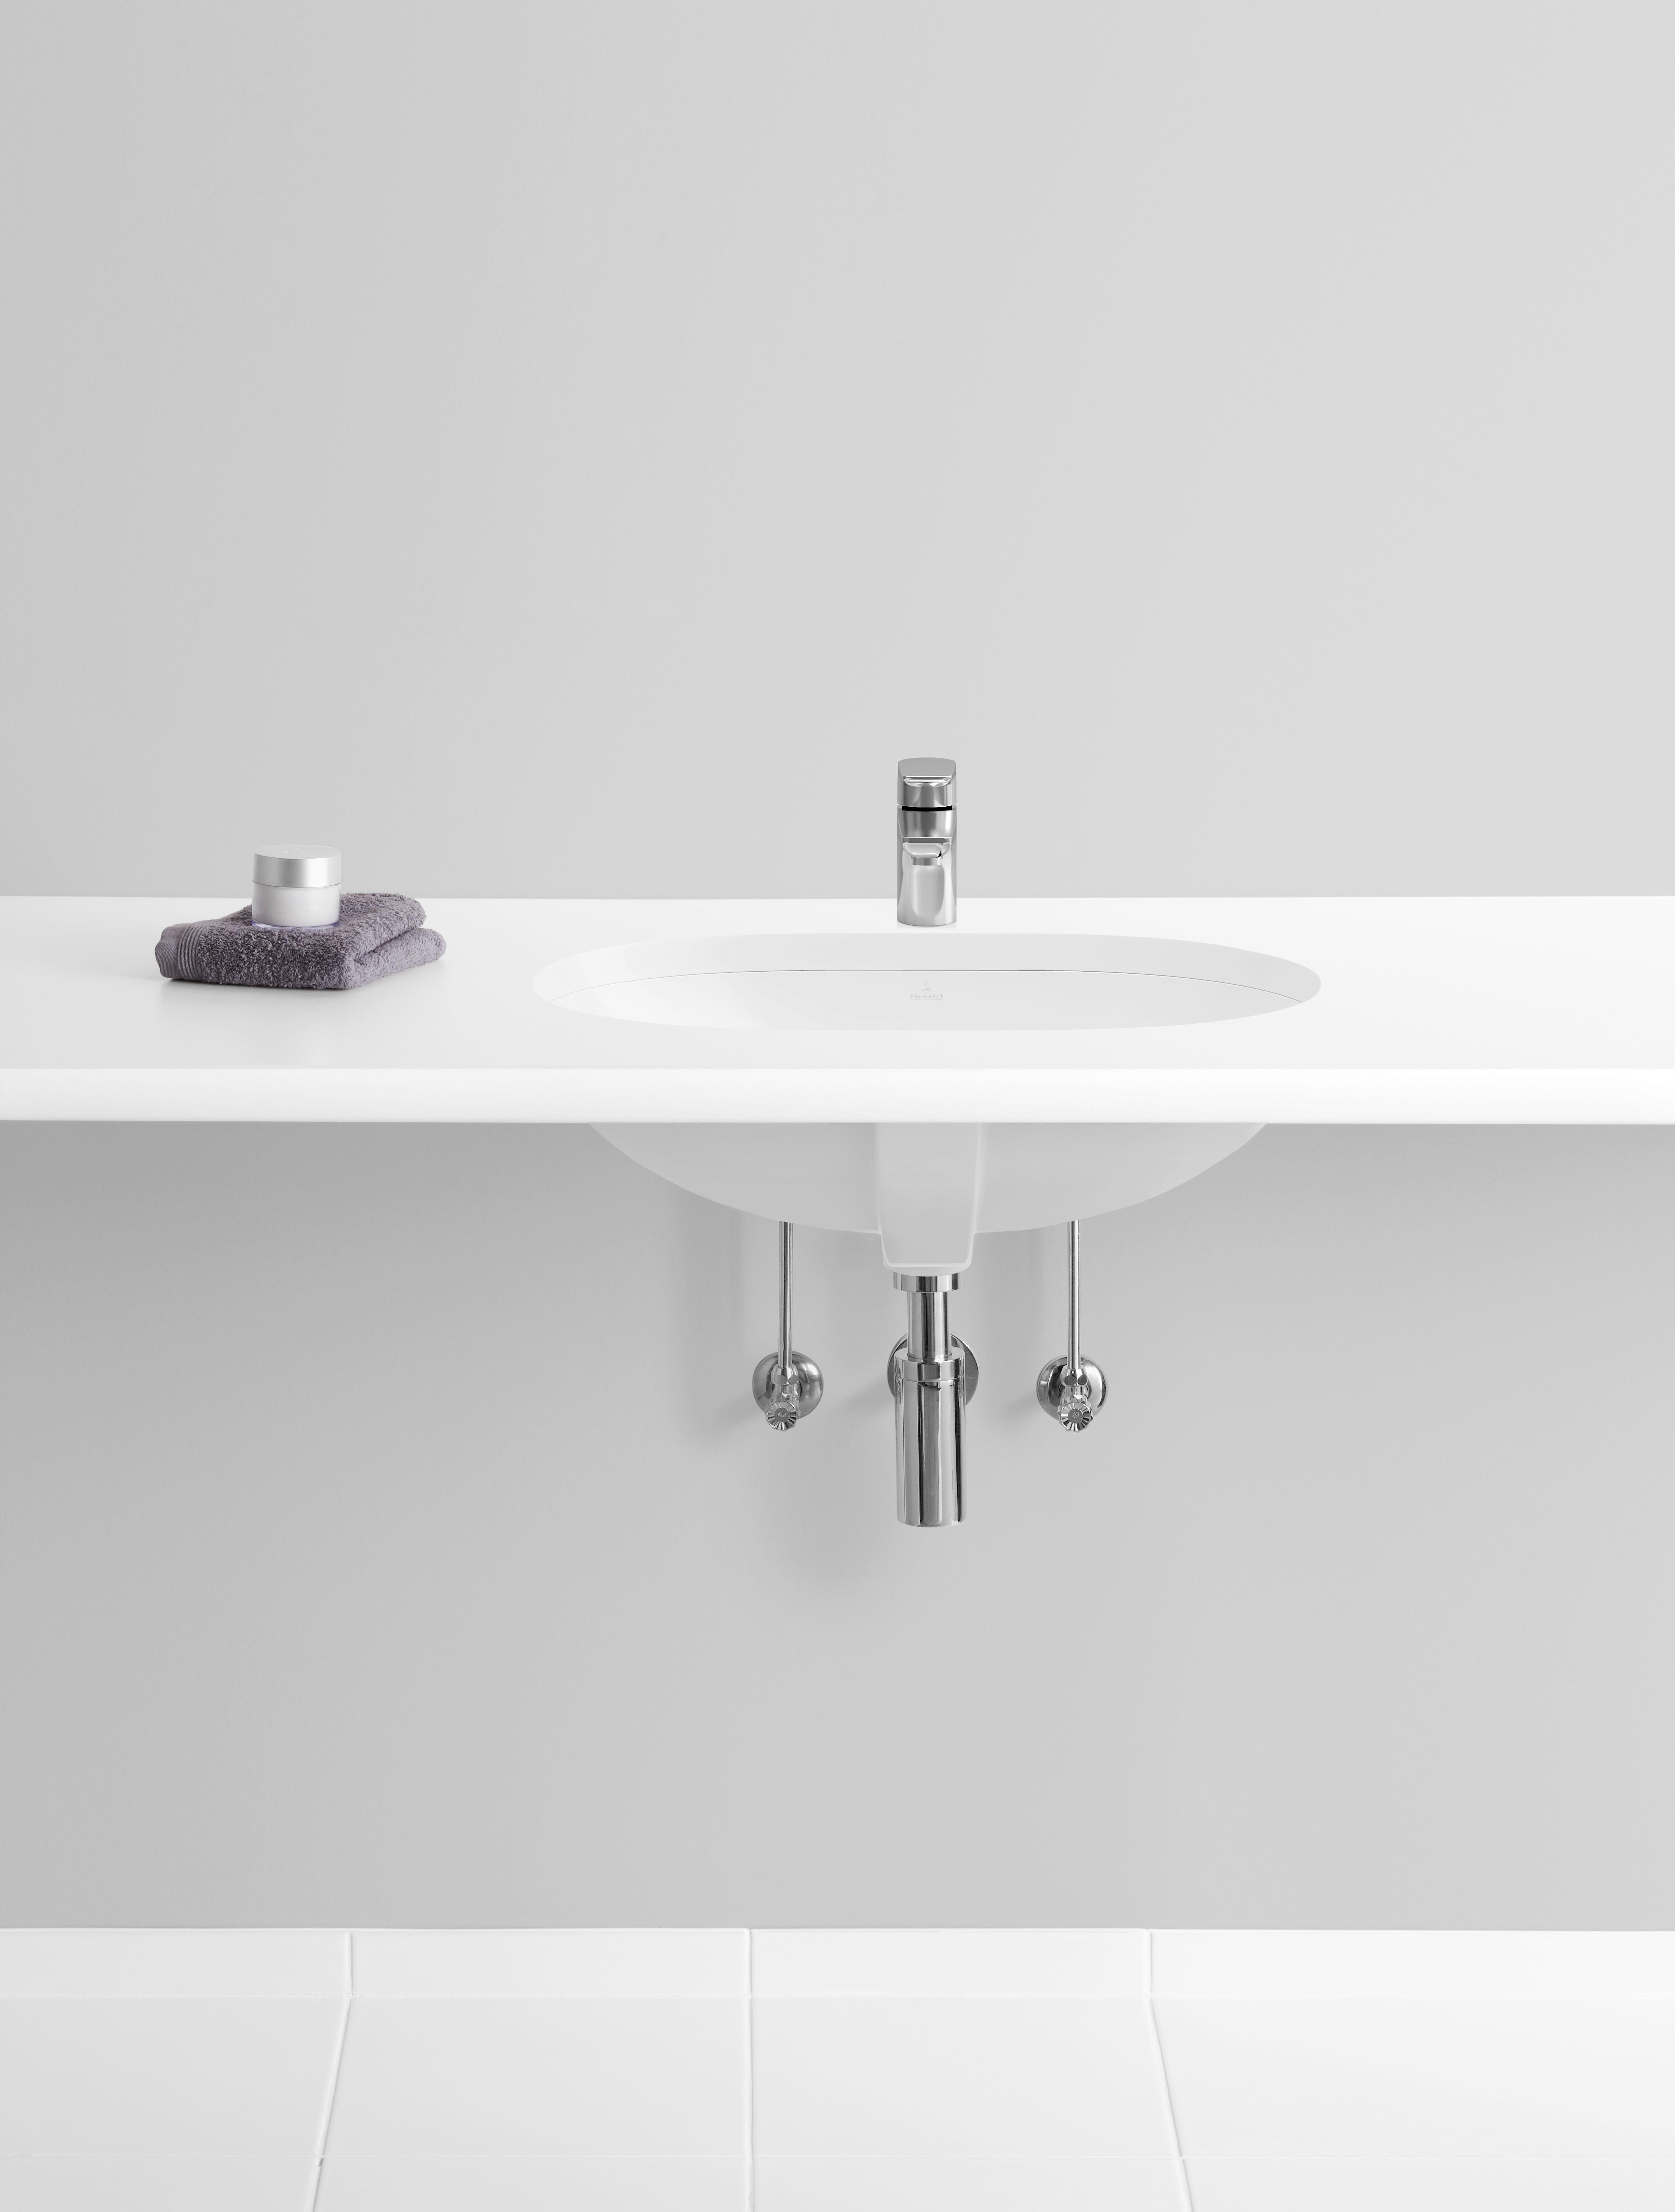 O.novo Waschtisch, Waschtisch Unterbau, Waschtische / Waschbecken, Unterbauwaschtische